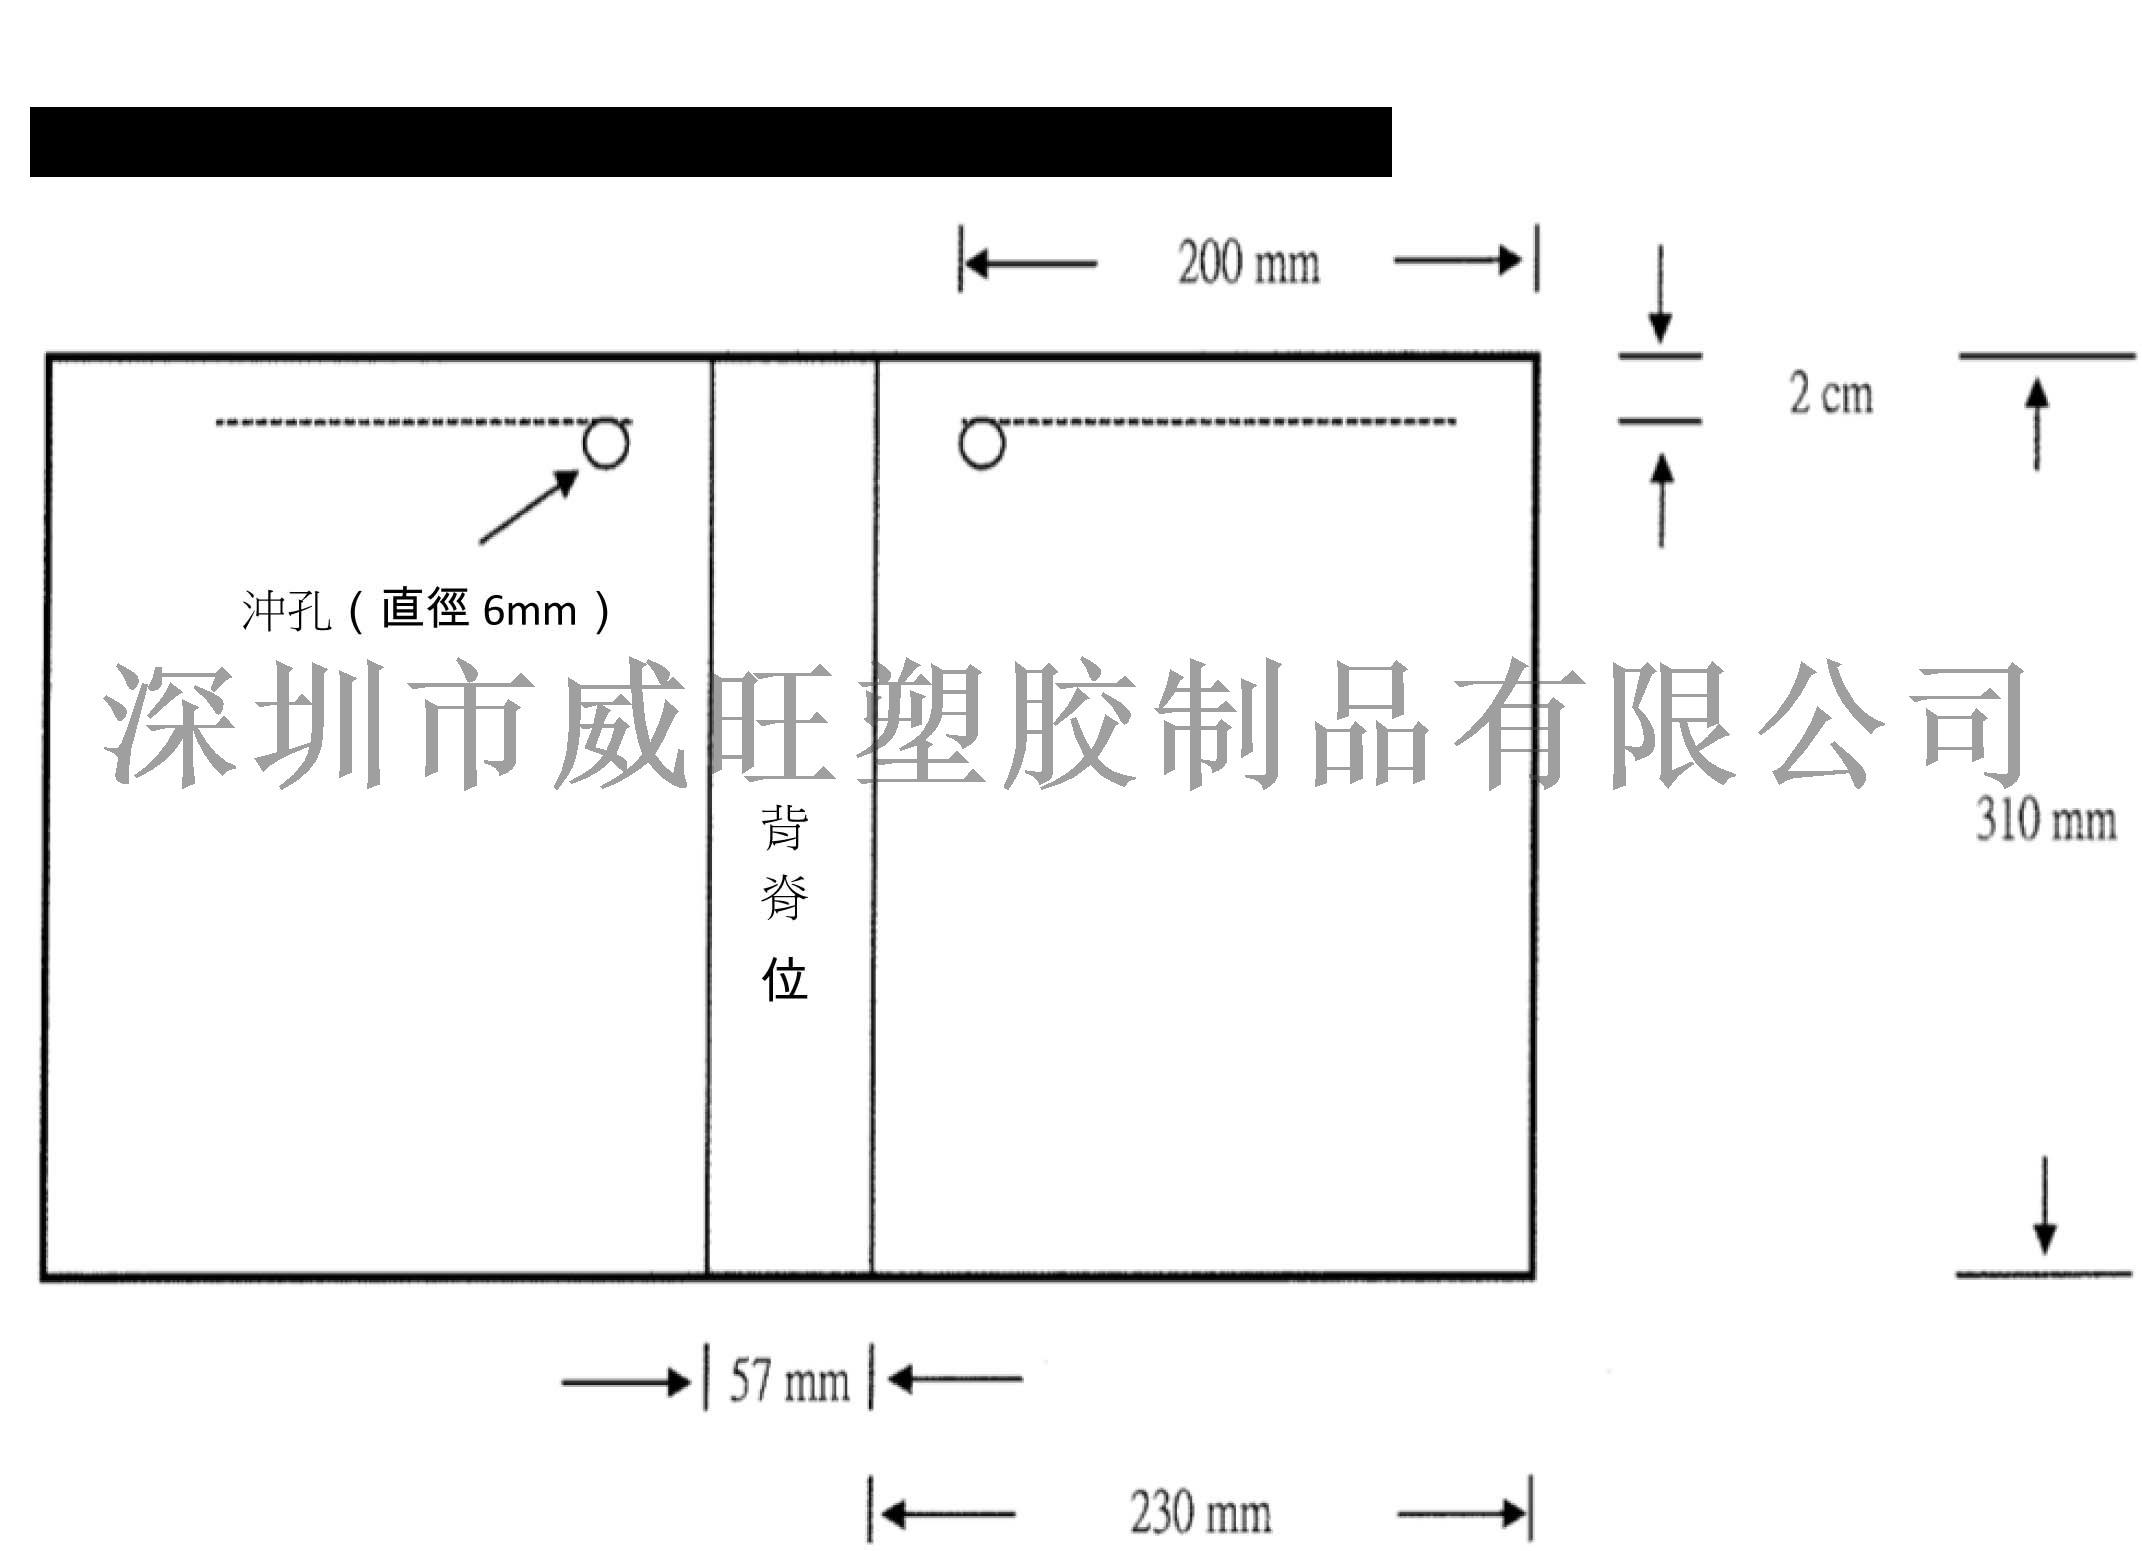 纸文件尺寸03